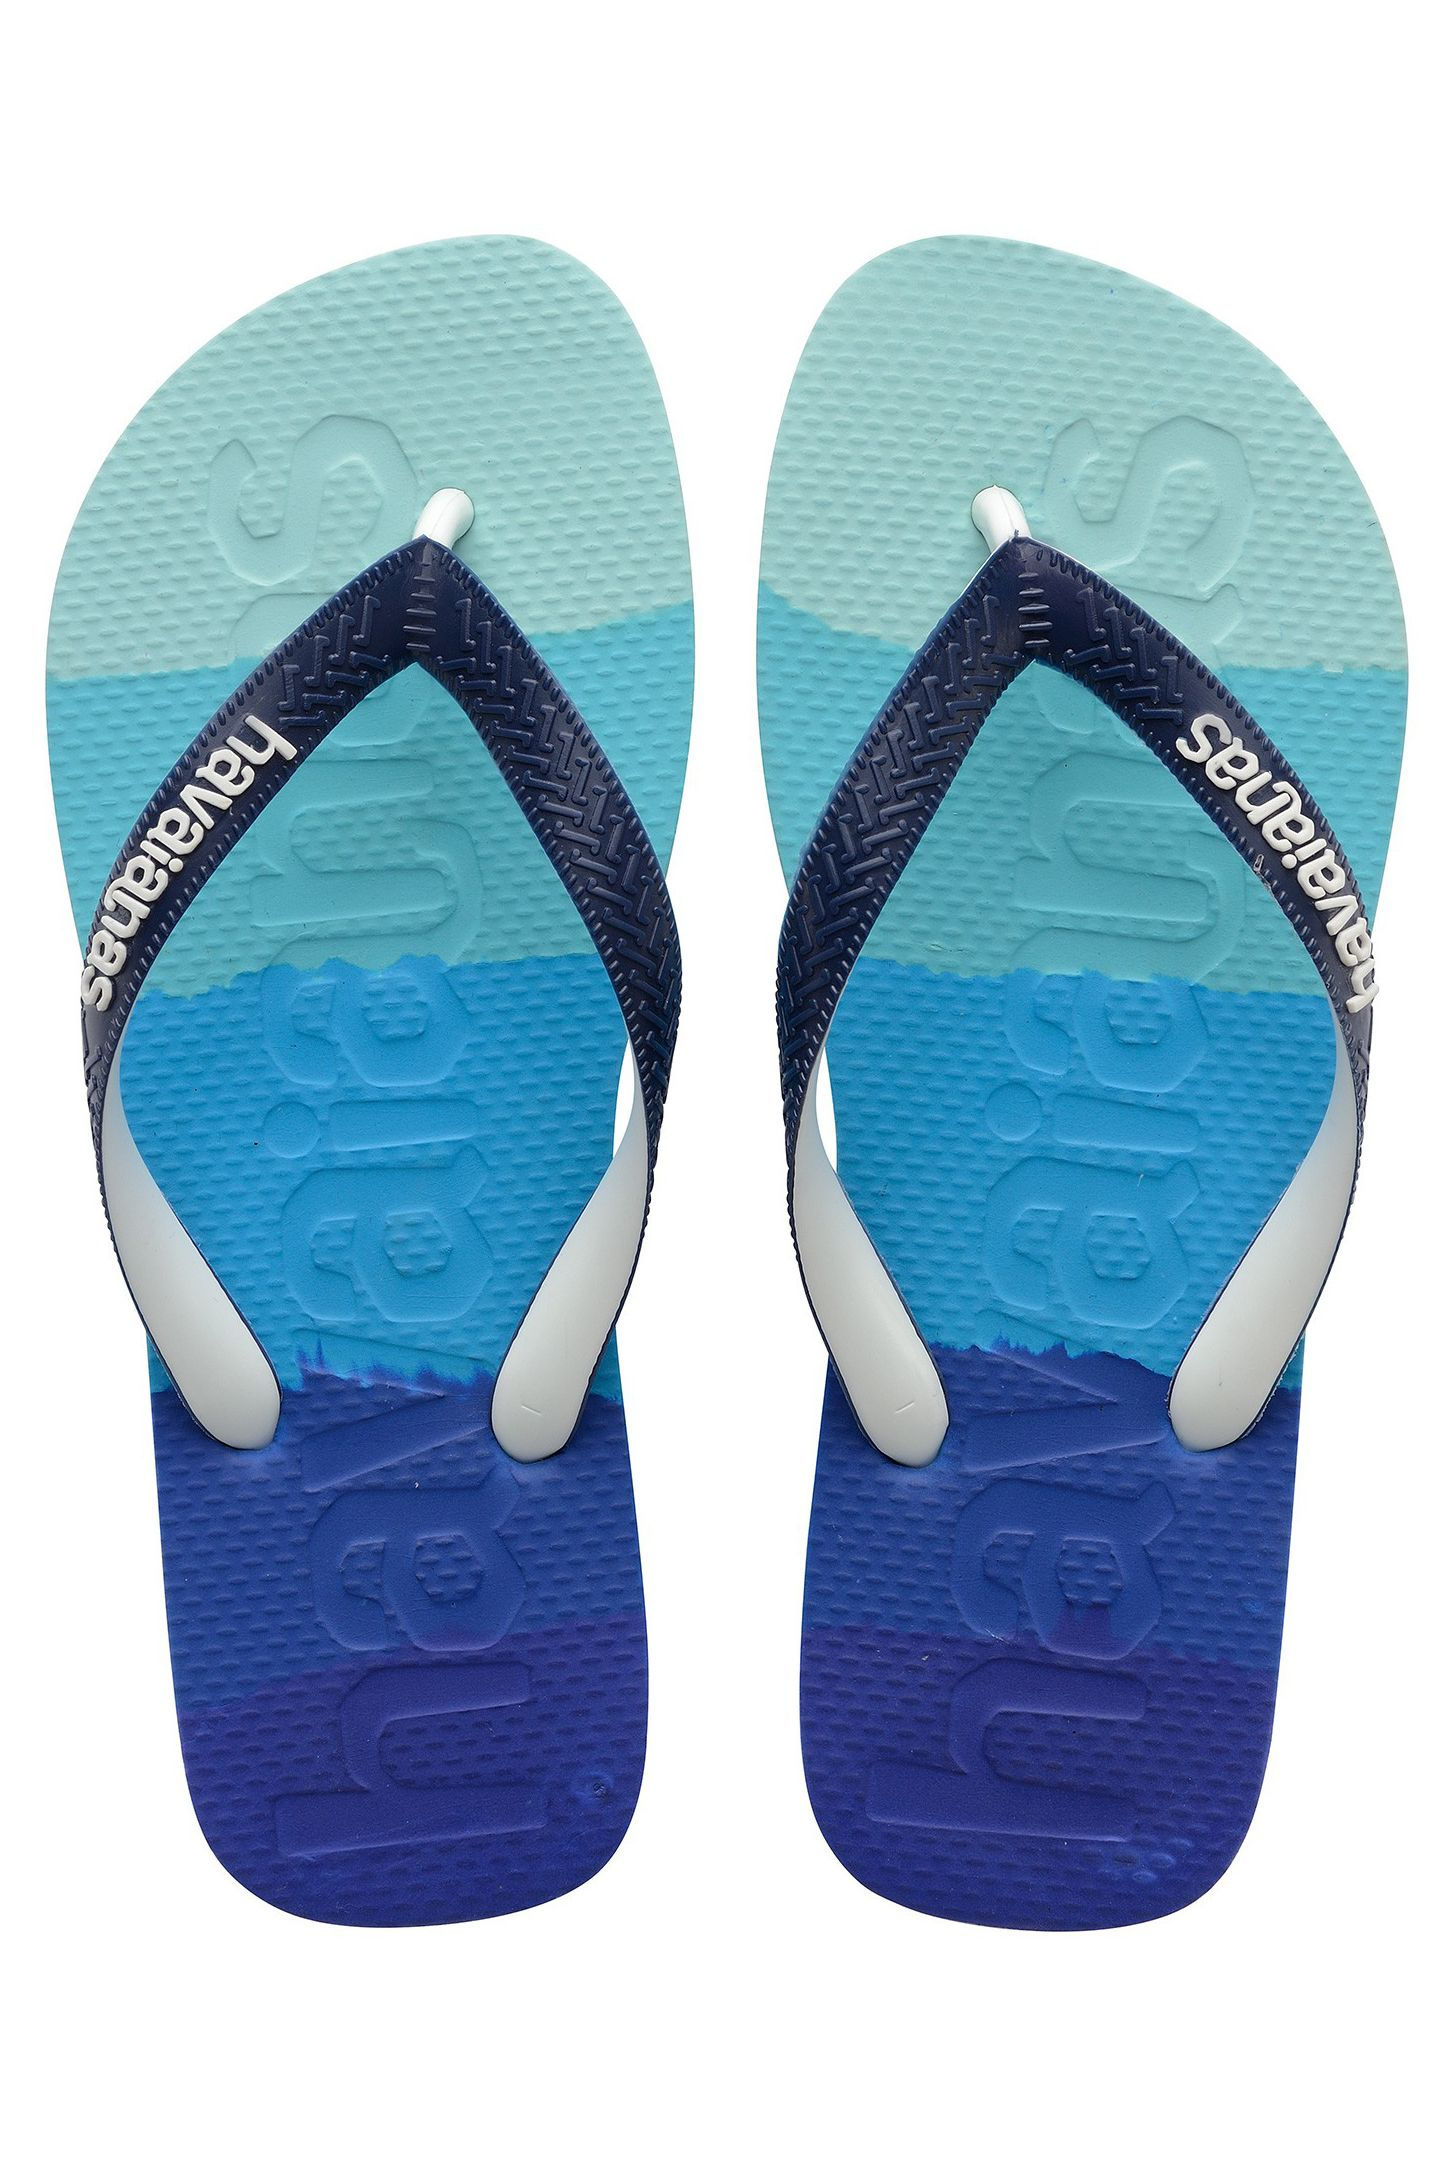 Havaianas Sandals TOP LOGOMANIA MULTICOLOR GRADIENT Gradient Marine Blue